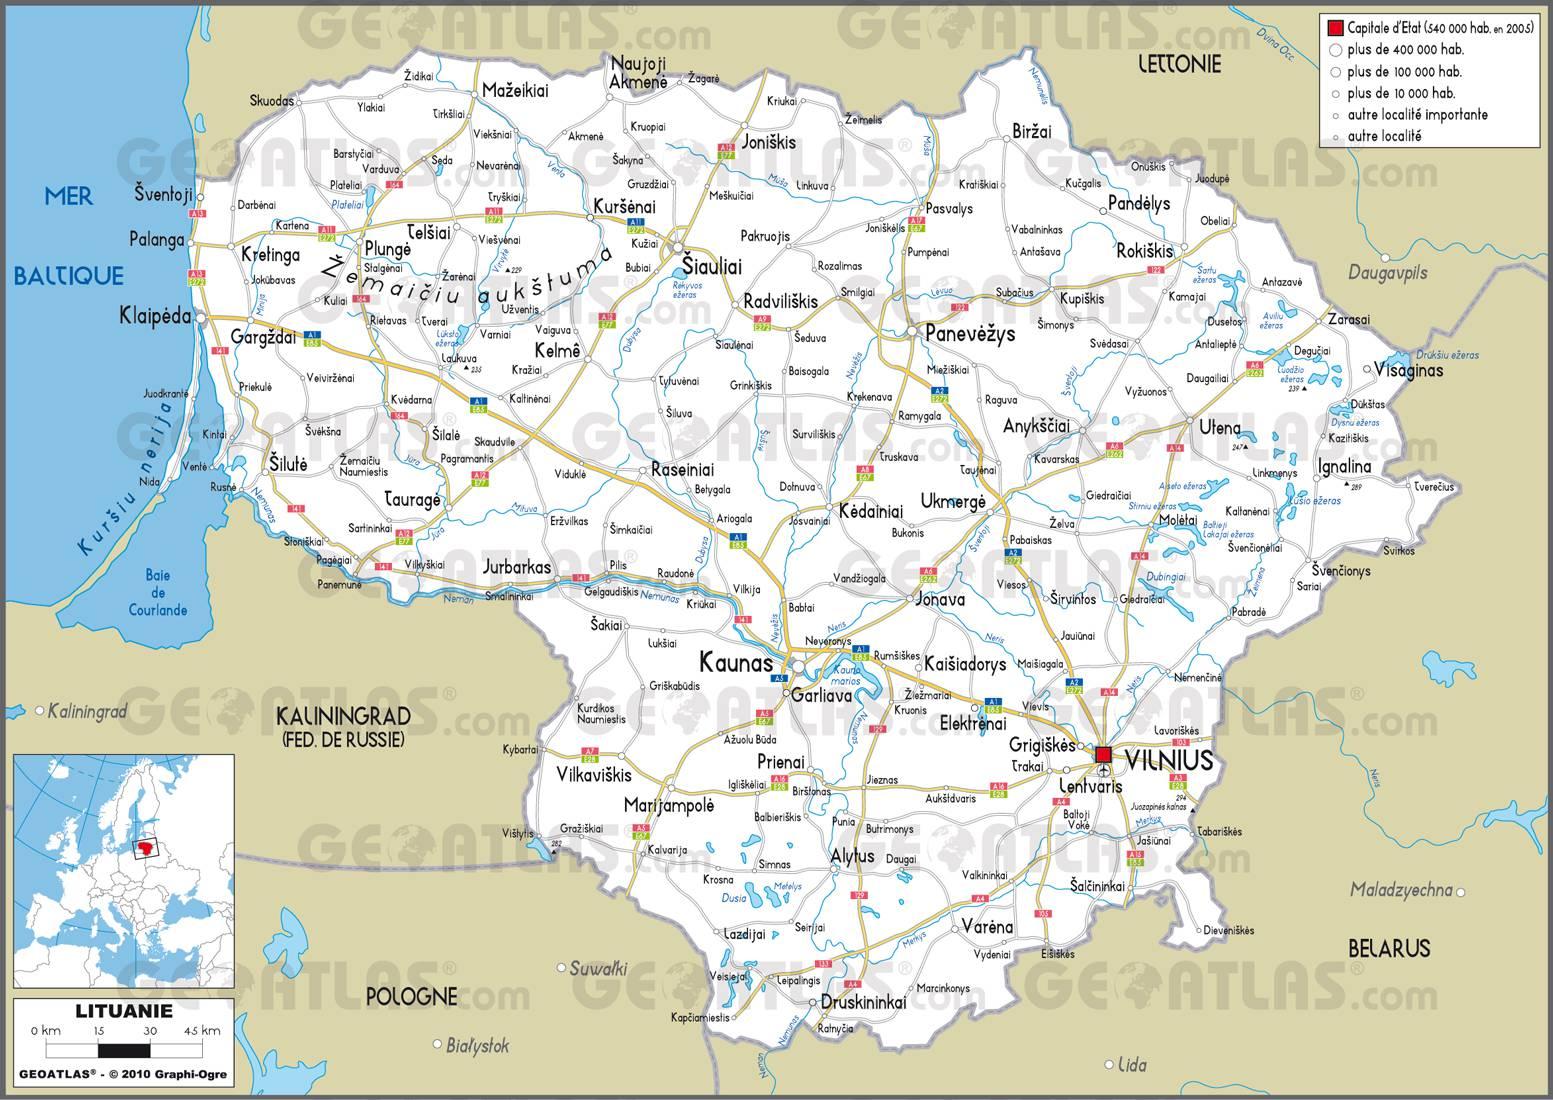 Carte routière de la Lituanie